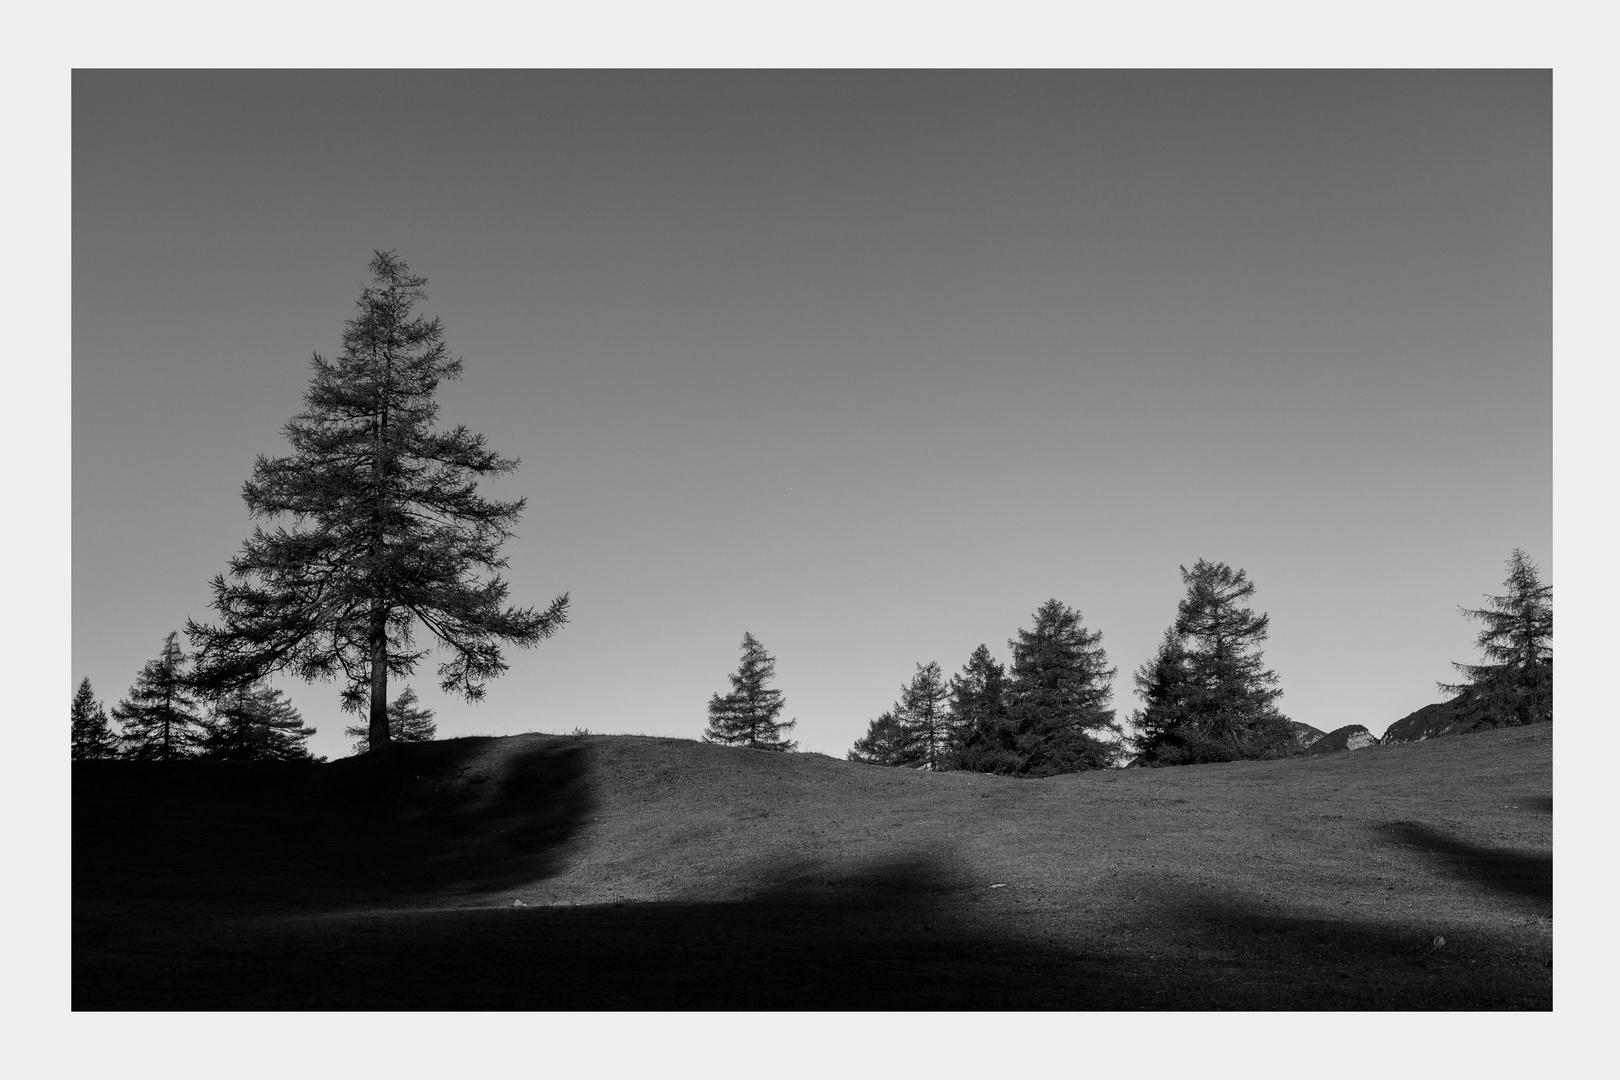 Landschaft in schwarz weiß